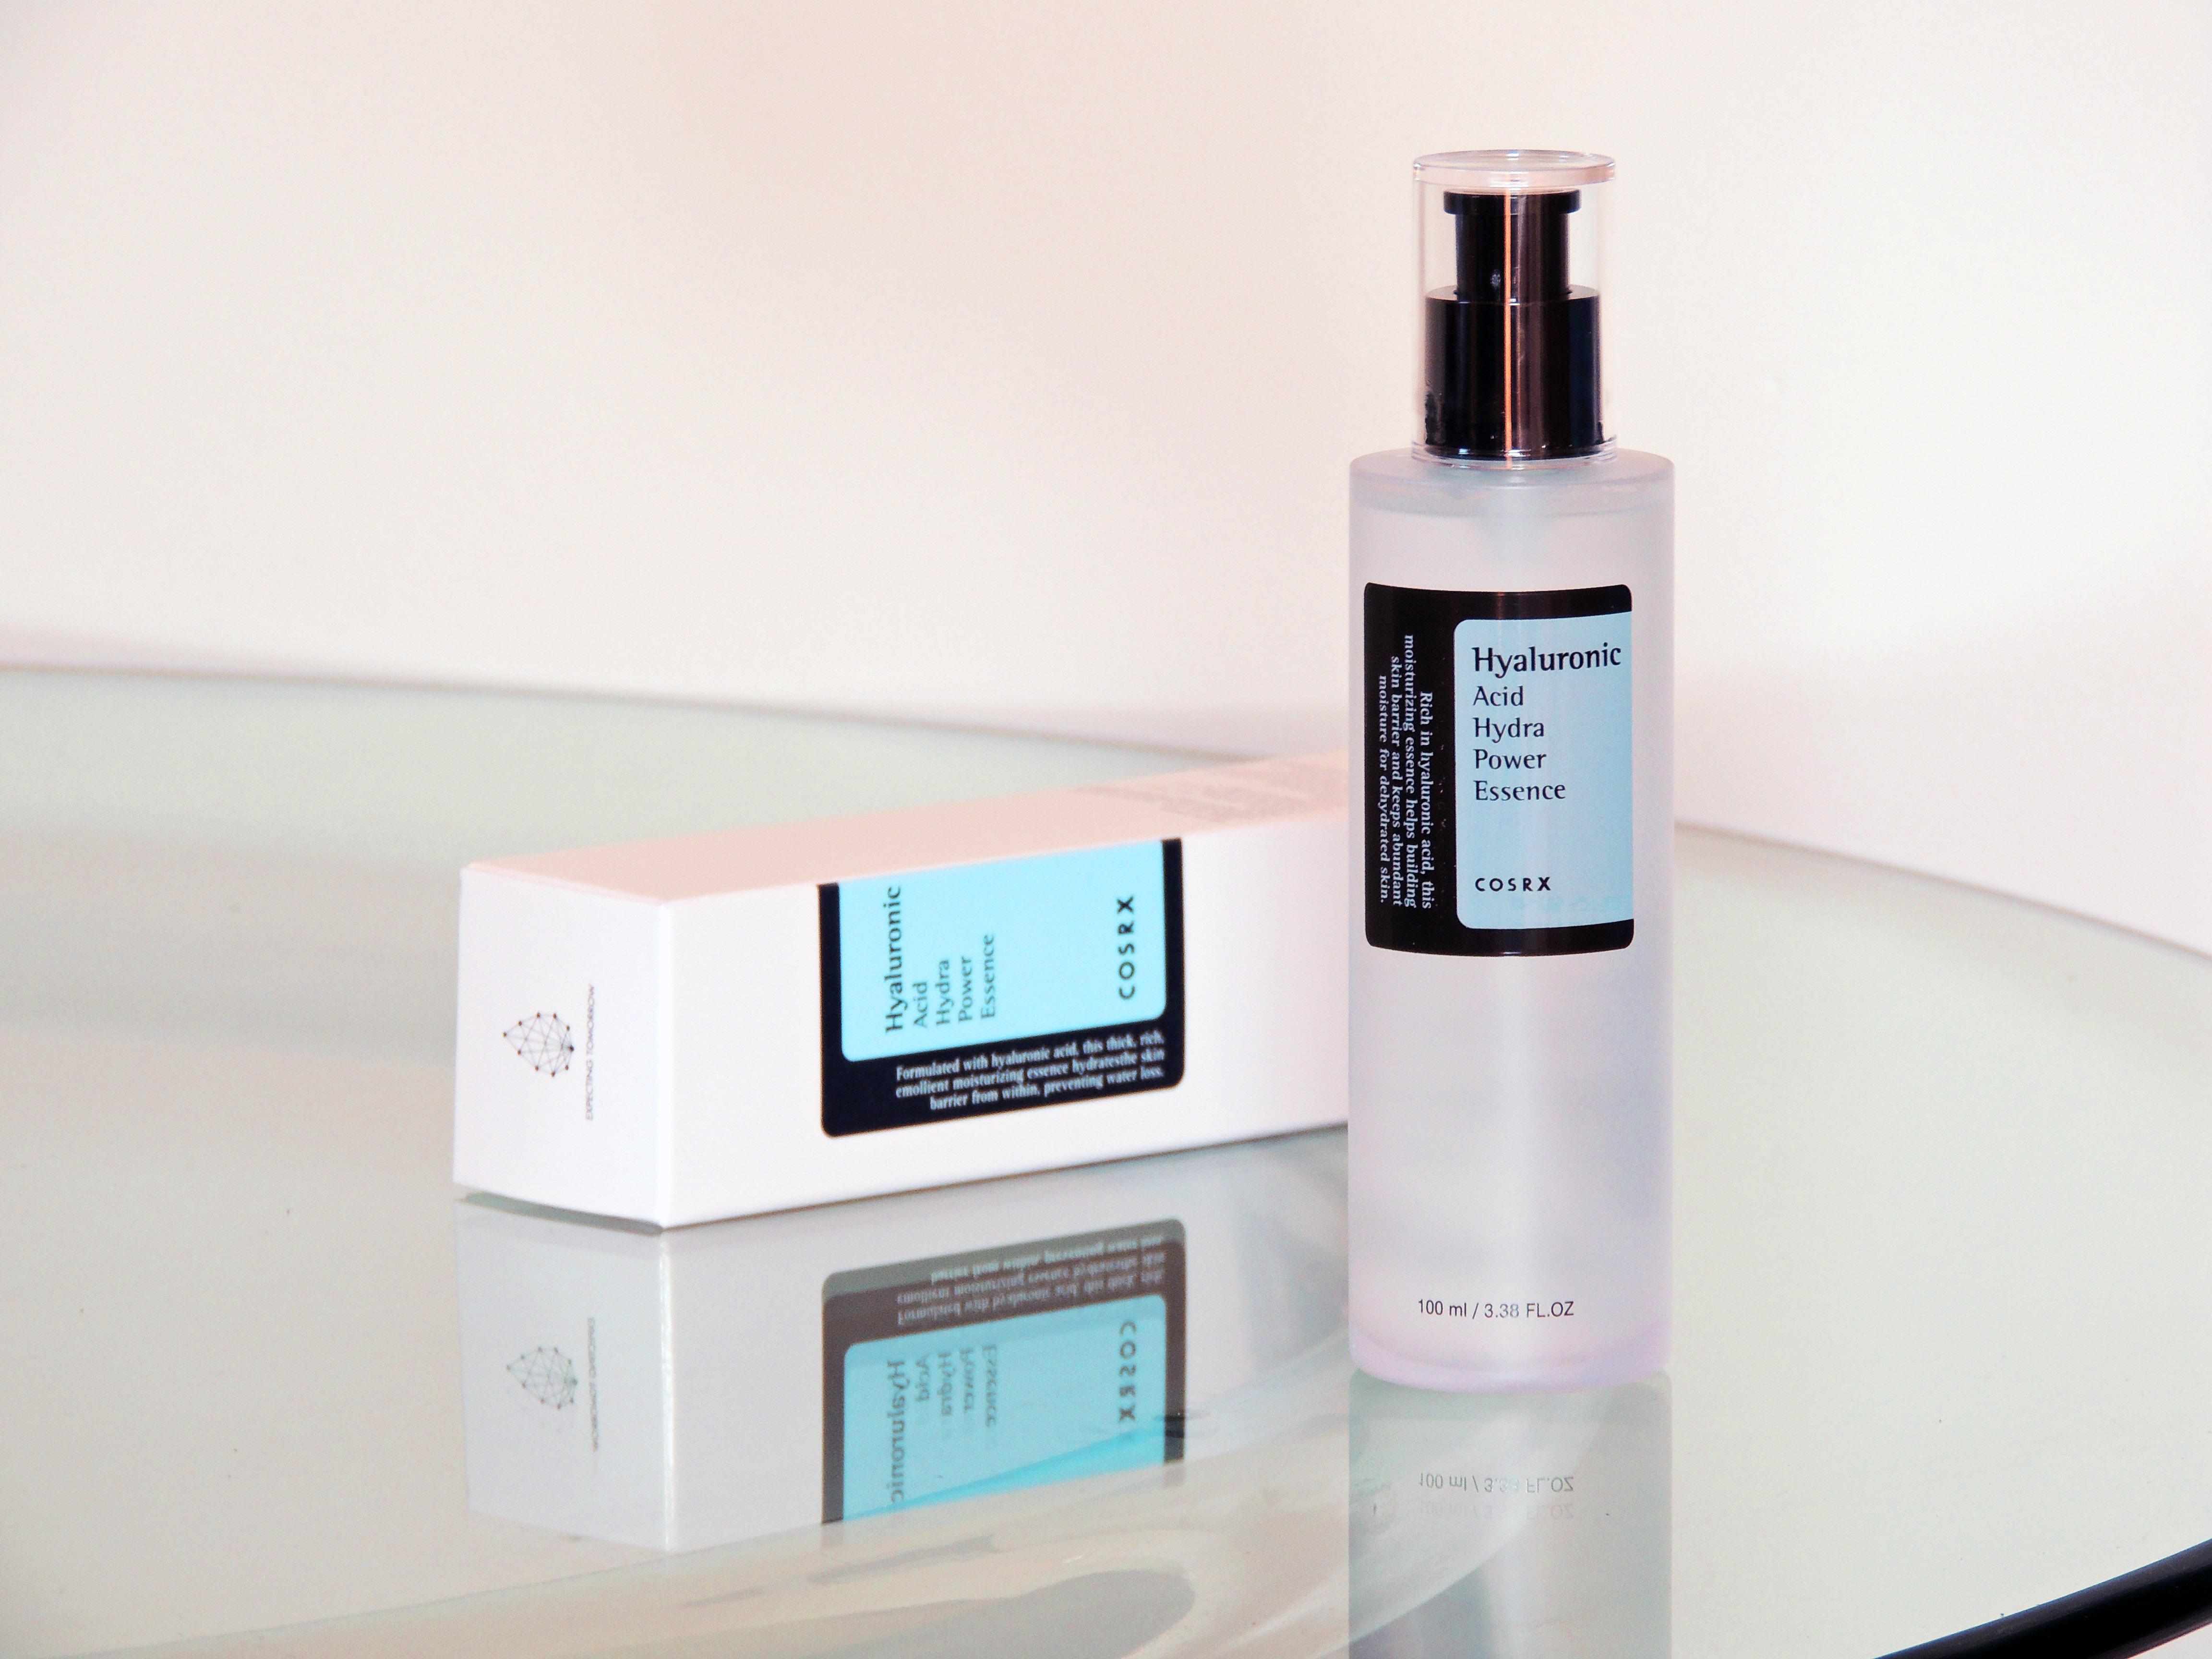 COSRX hyaluronic acid hydra power essence ácidos para el cuidado de la piel Blueberry Cosmetics